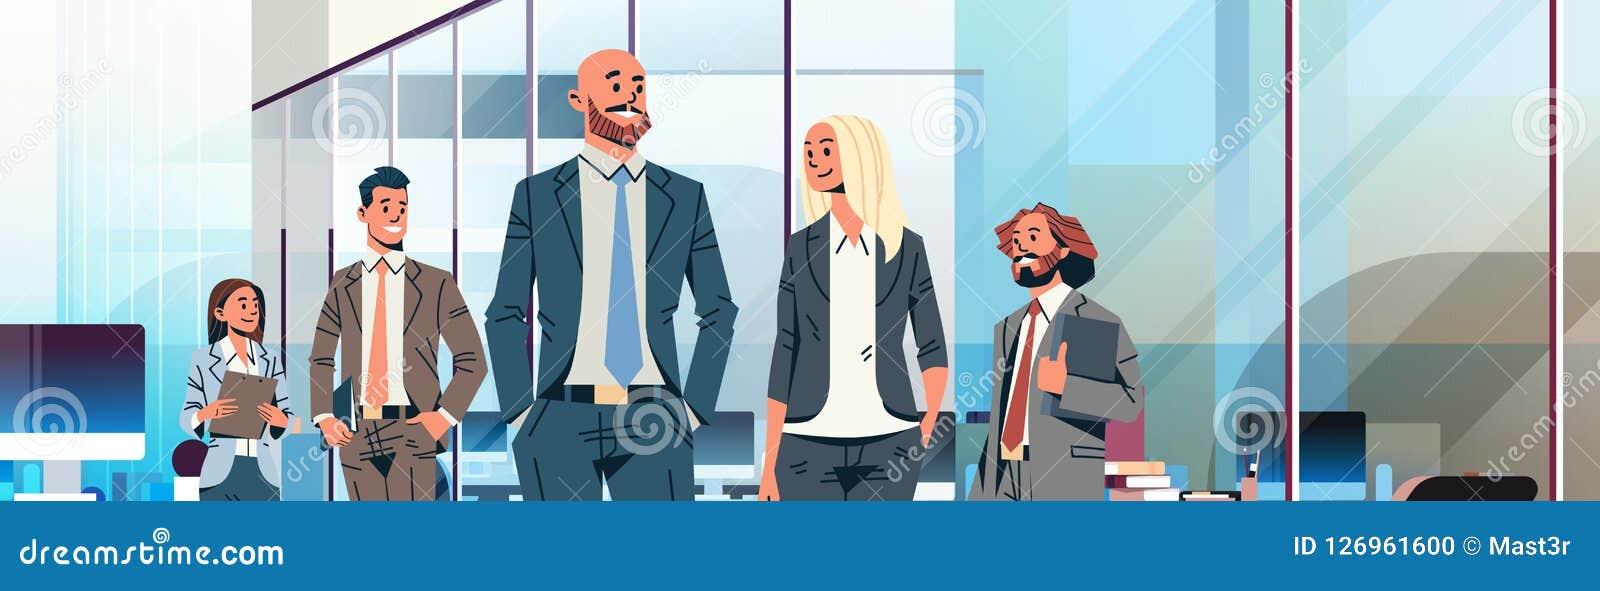 Tecken för tecknad film för modernt kontor för kvinnor för affärsmän för begrepp för ledarskap för ledare för lag för affärsfolk